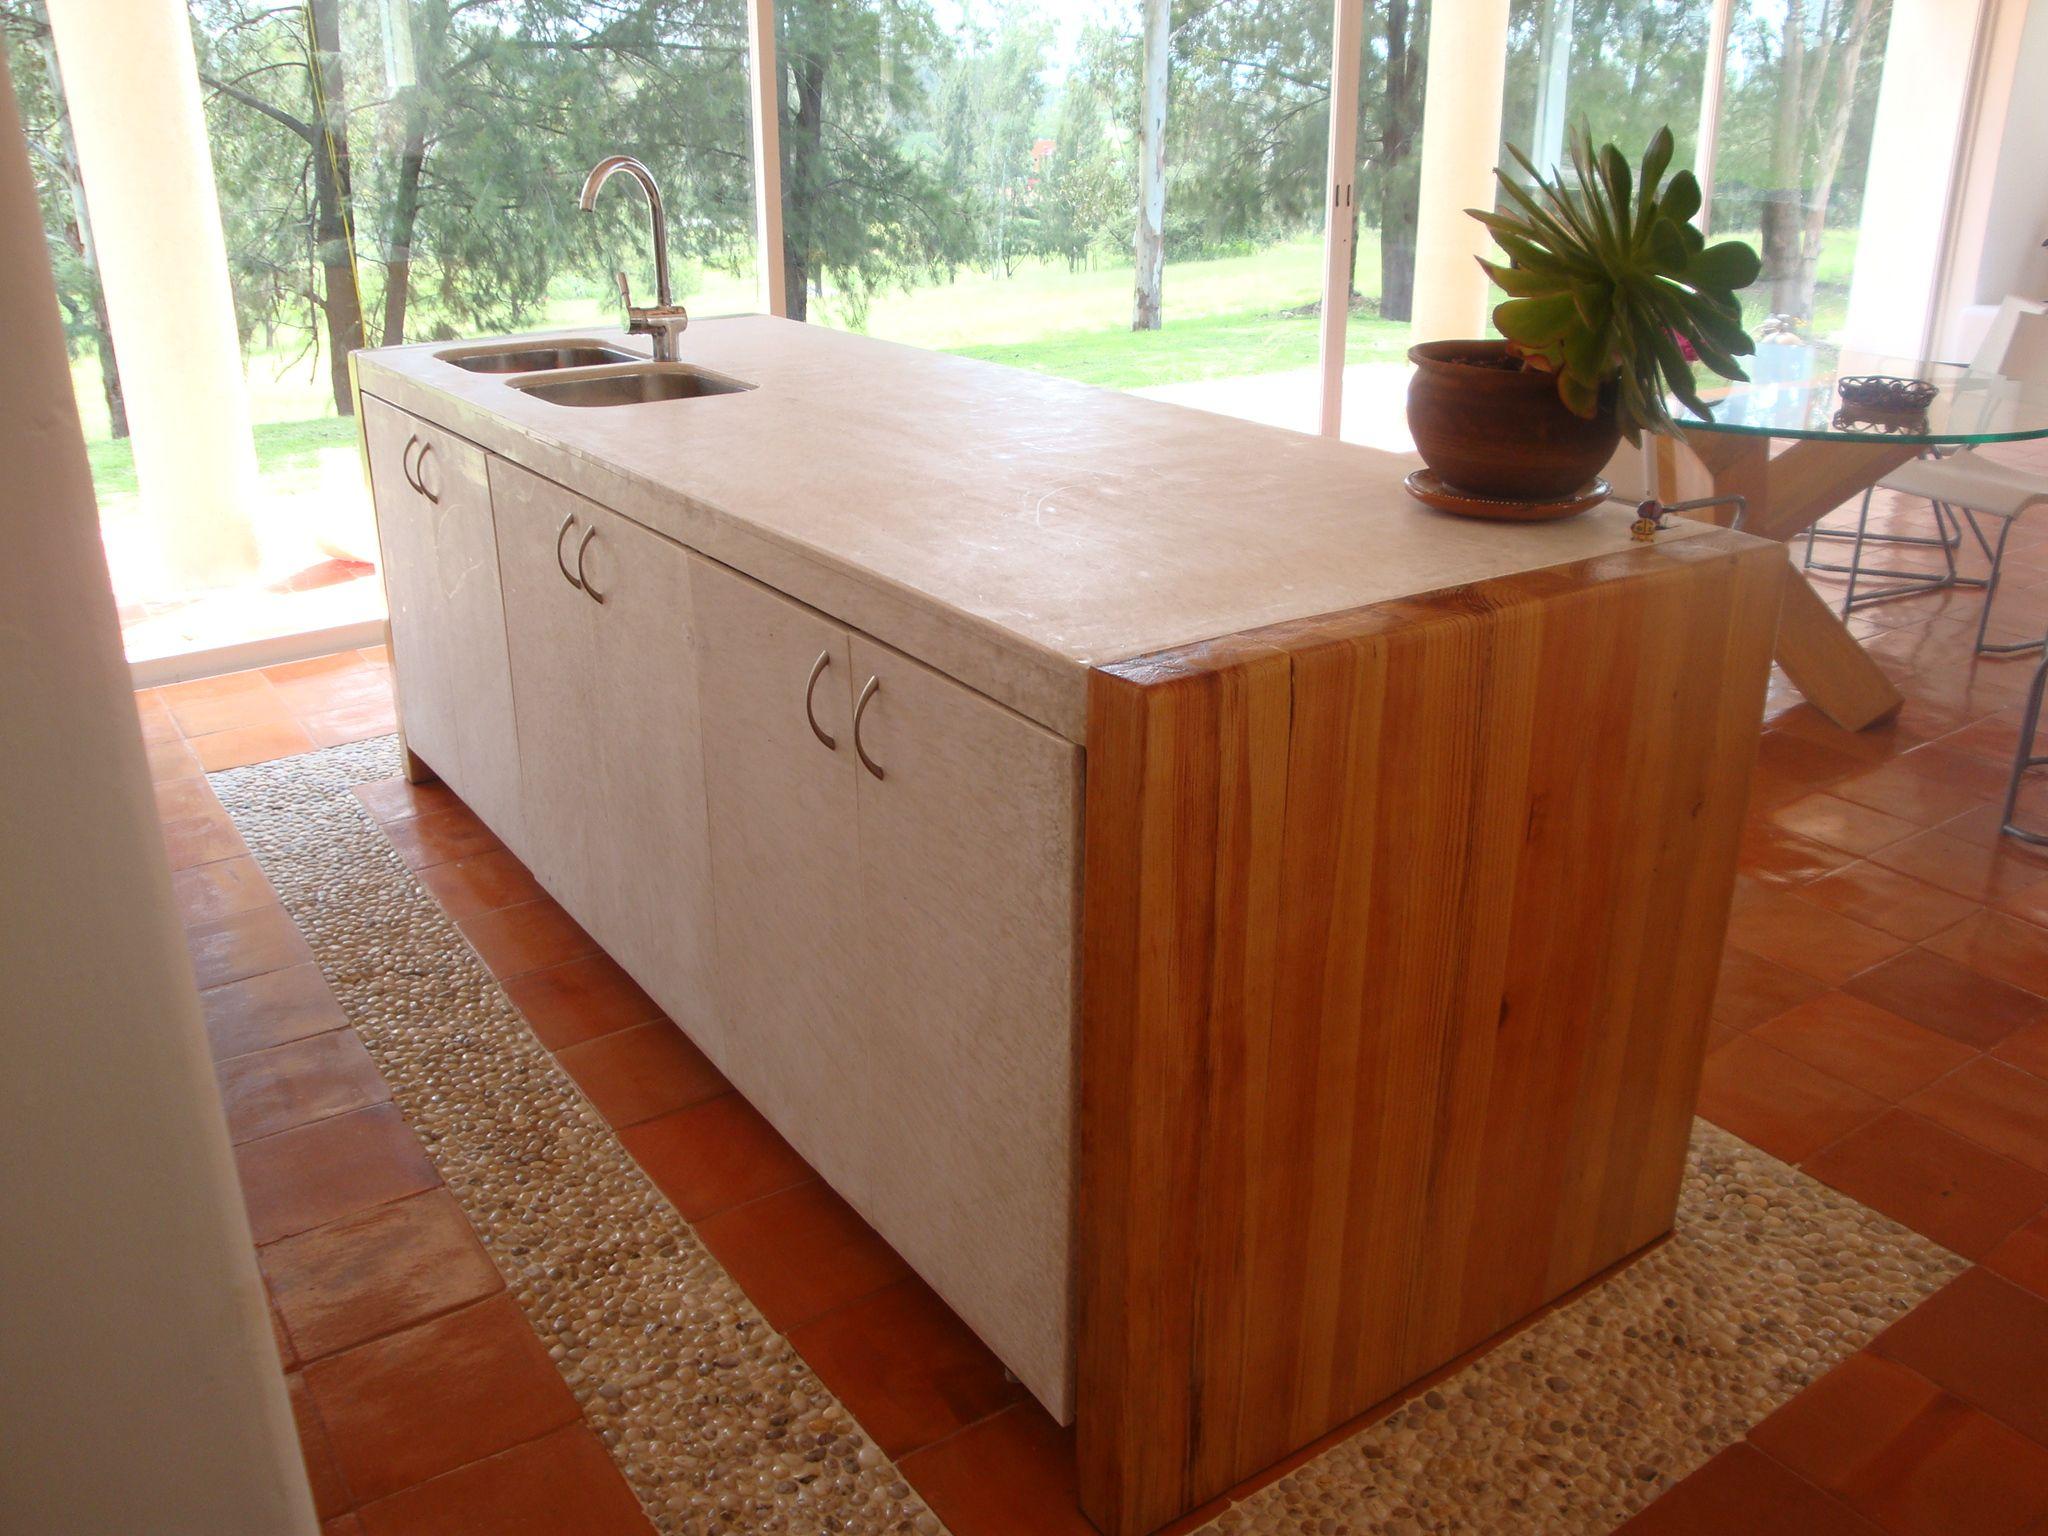 cocina fabricada con tablas de plastico reciclado | For the Home ...